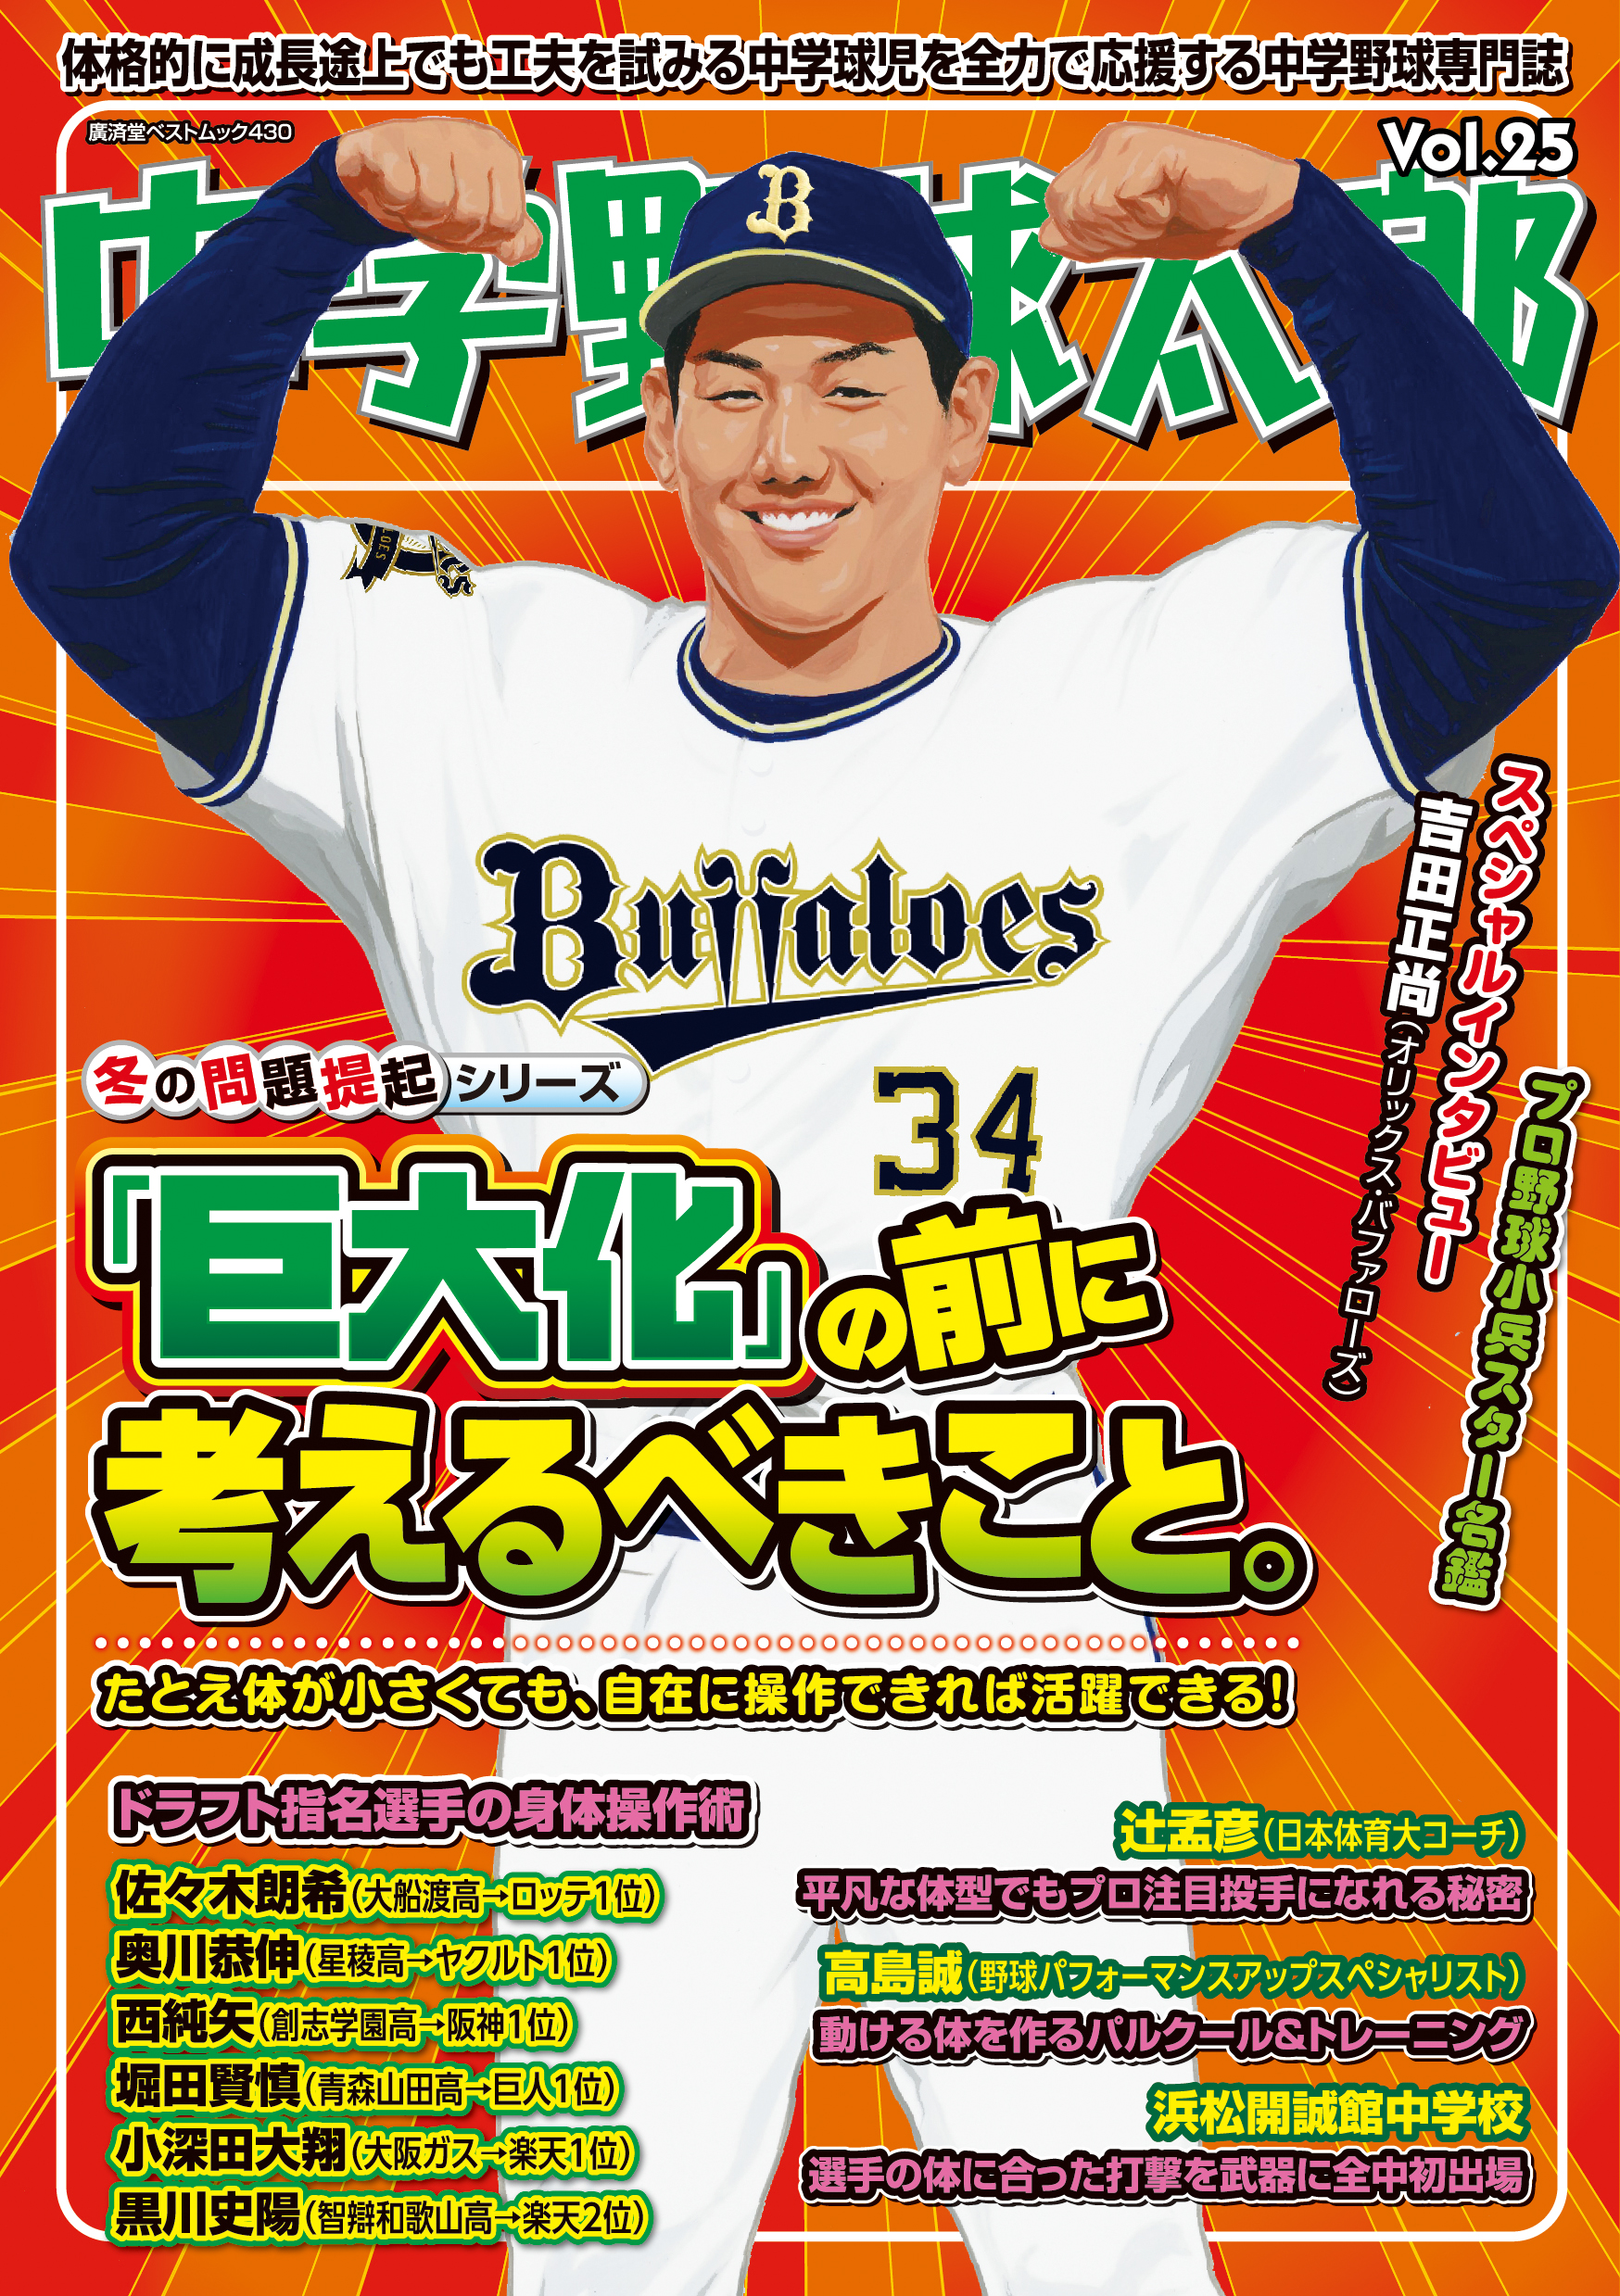 【中身読めます】『中学野球太郎Vol.25 「巨大化」の前に考えるべきこと。』